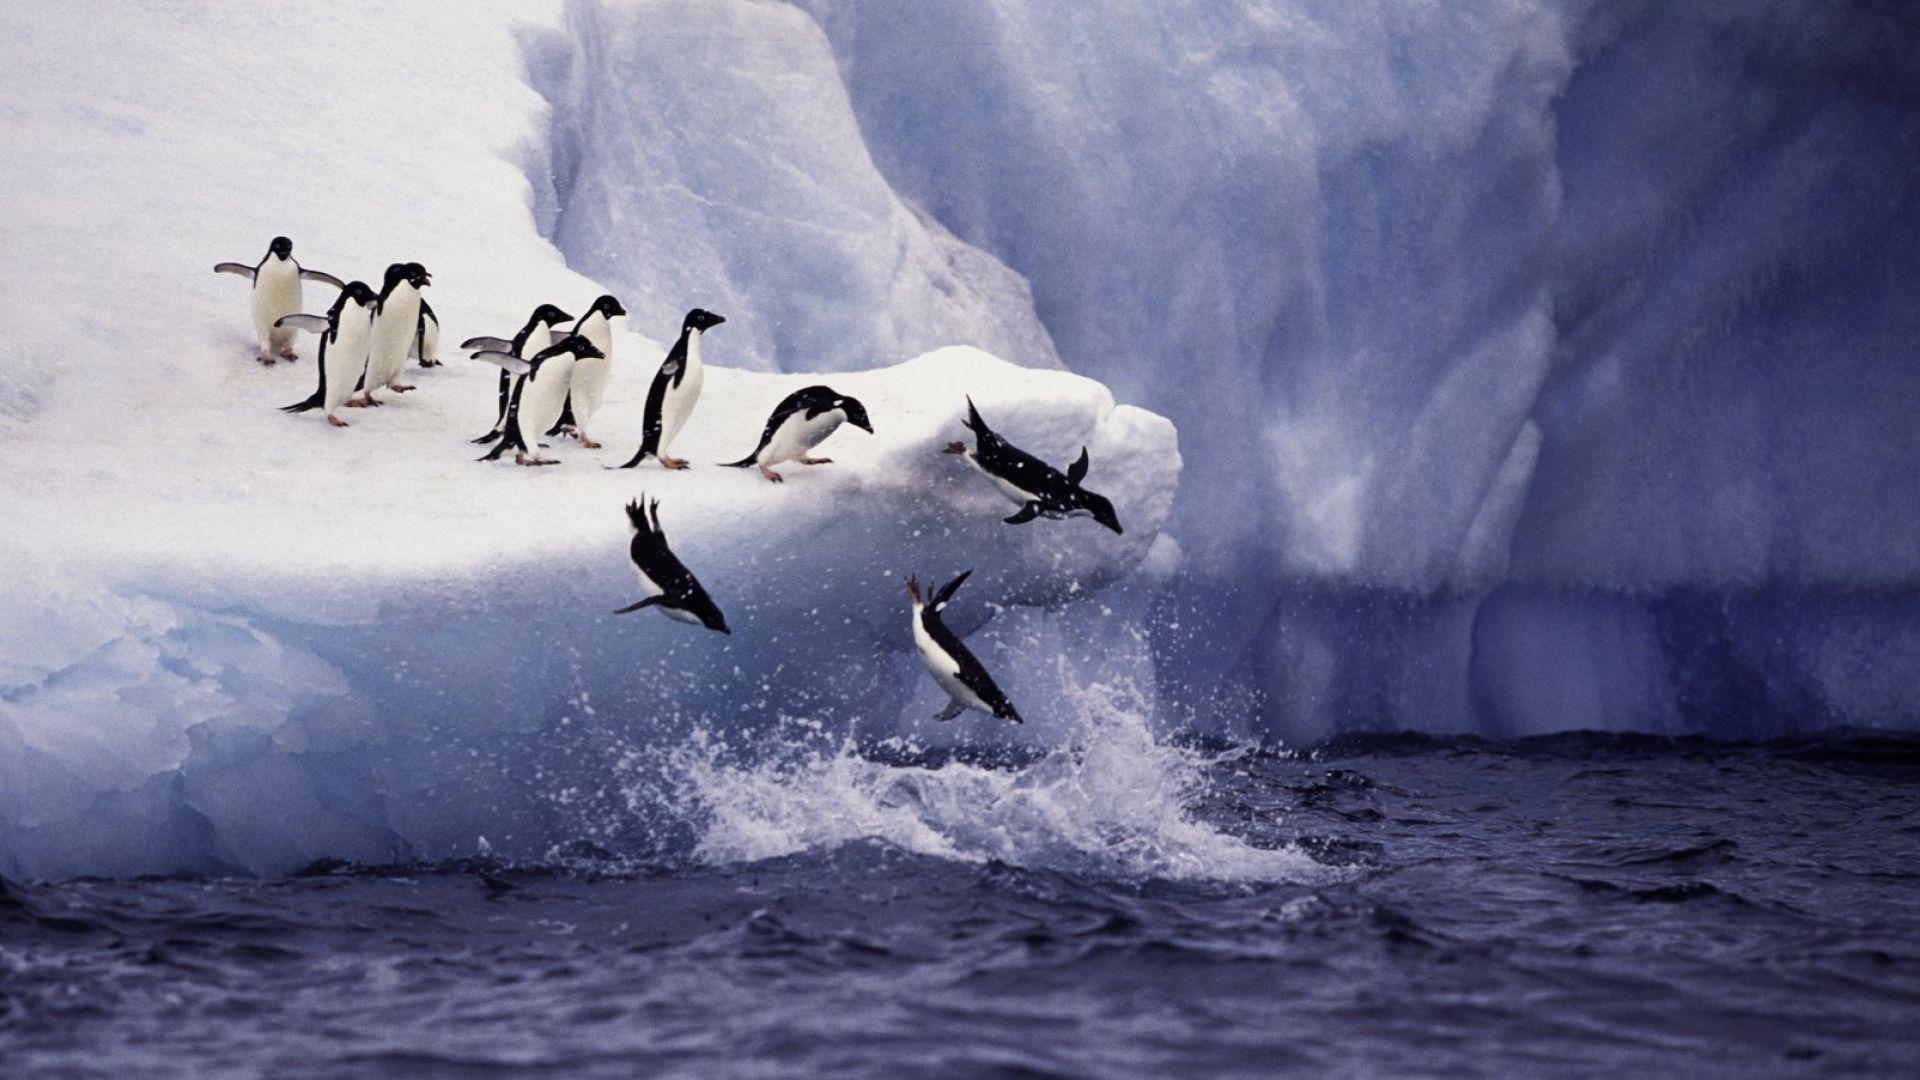 Рекордна температура от над 20 градуса в Антарктида